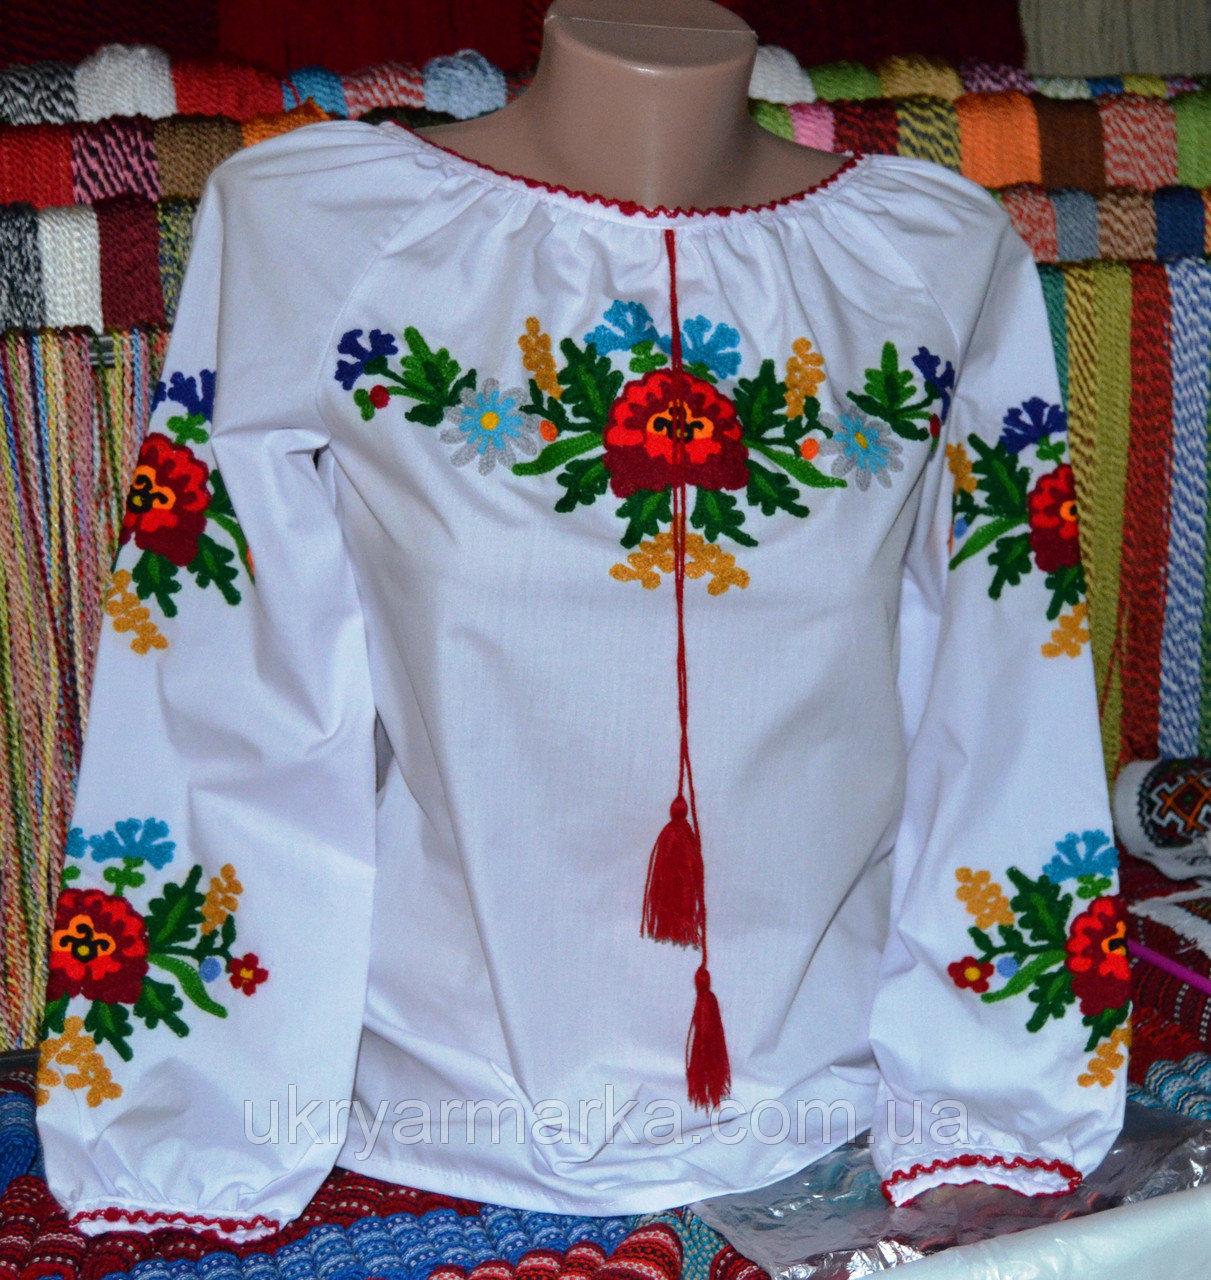 Купити вишиту блузку - Оголошення - Вишиванки ручної роботи від ... 14756f1453574